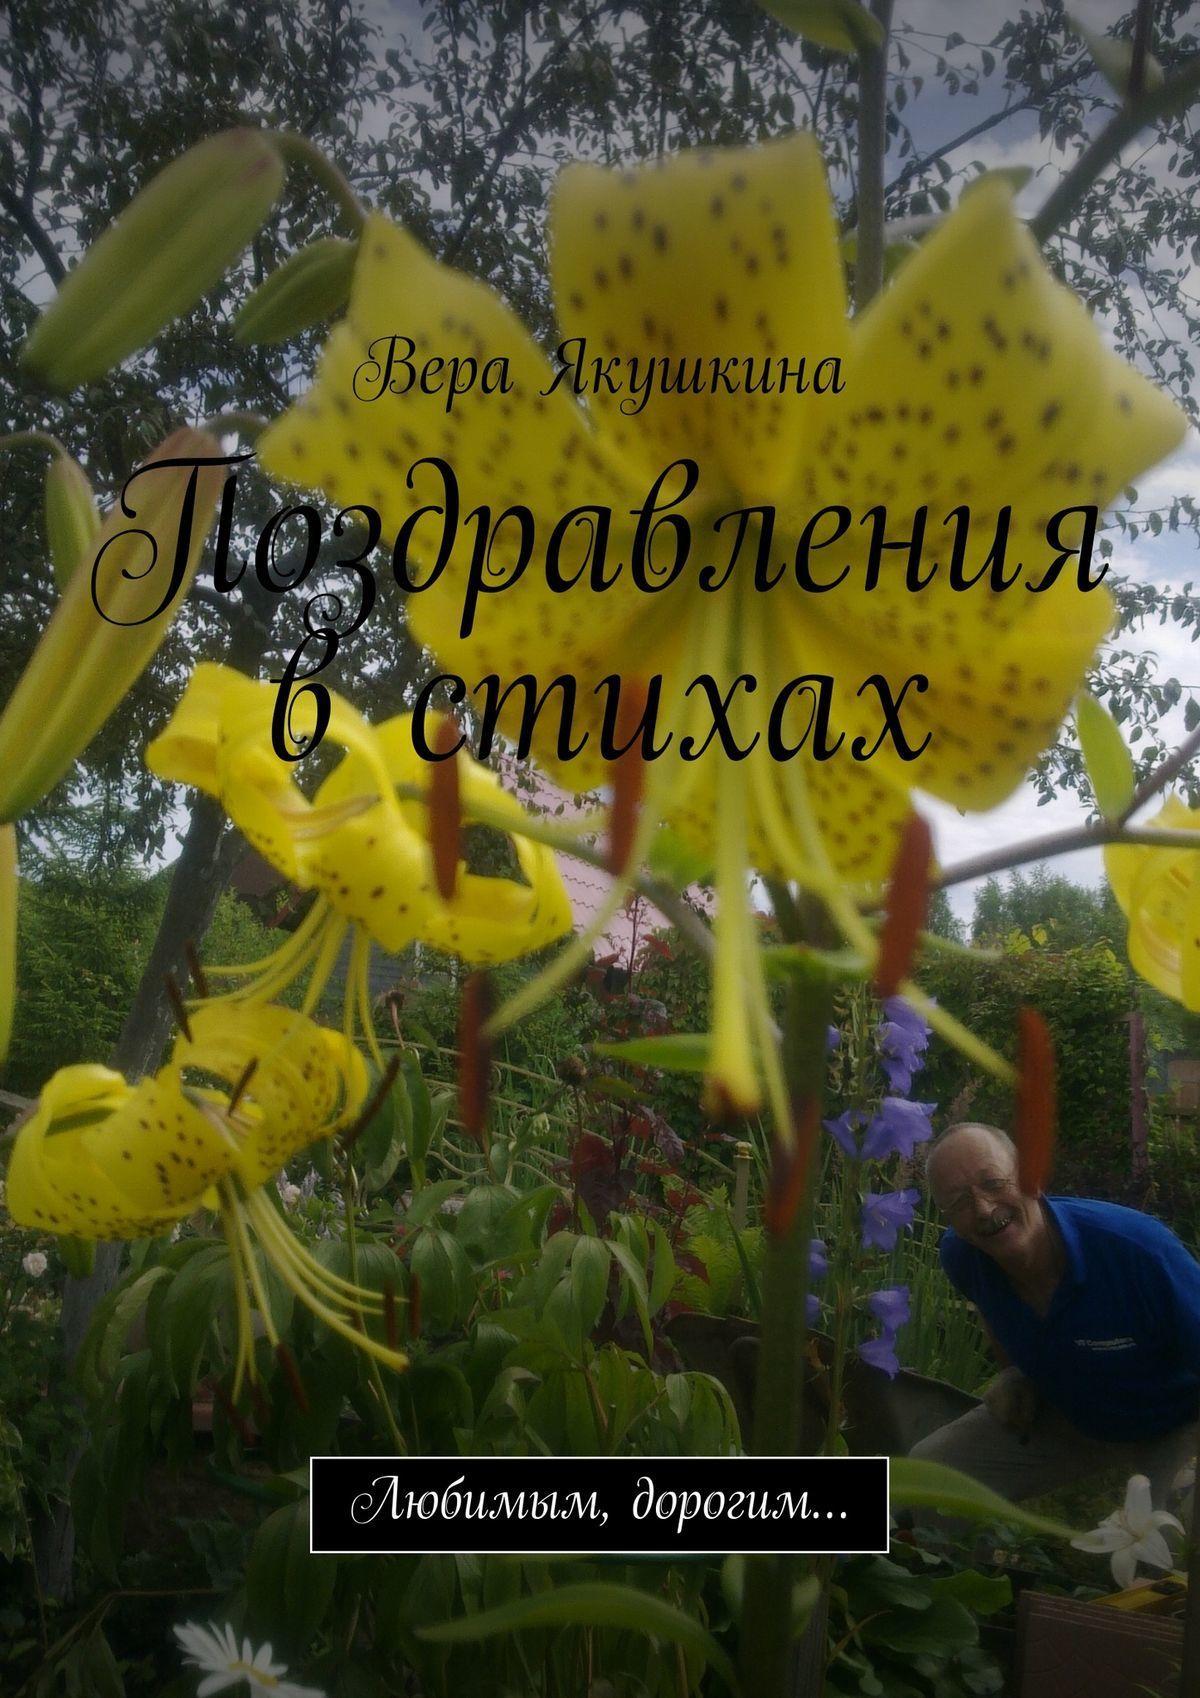 Вера Якушкина Поздравления в стихах. Любимым, дорогим… поздравляй ка от души уникальные поздравления в стихах на все случаи жизни